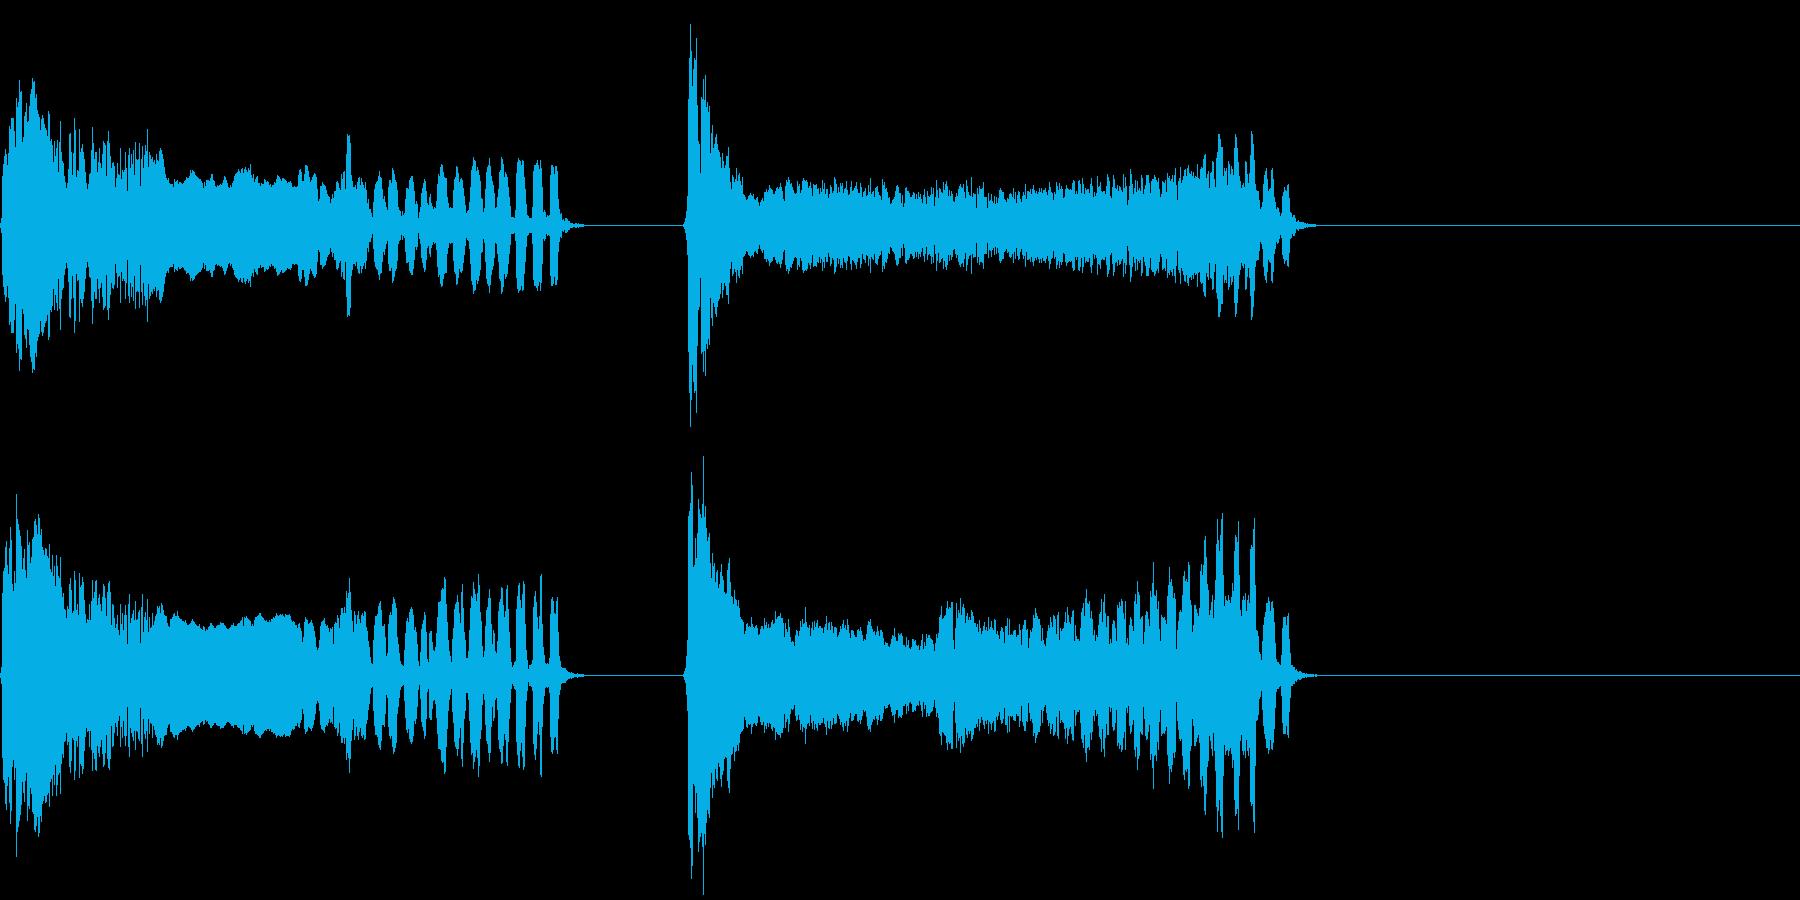 トンビの鳴き声(ピーヒョロロ)の再生済みの波形